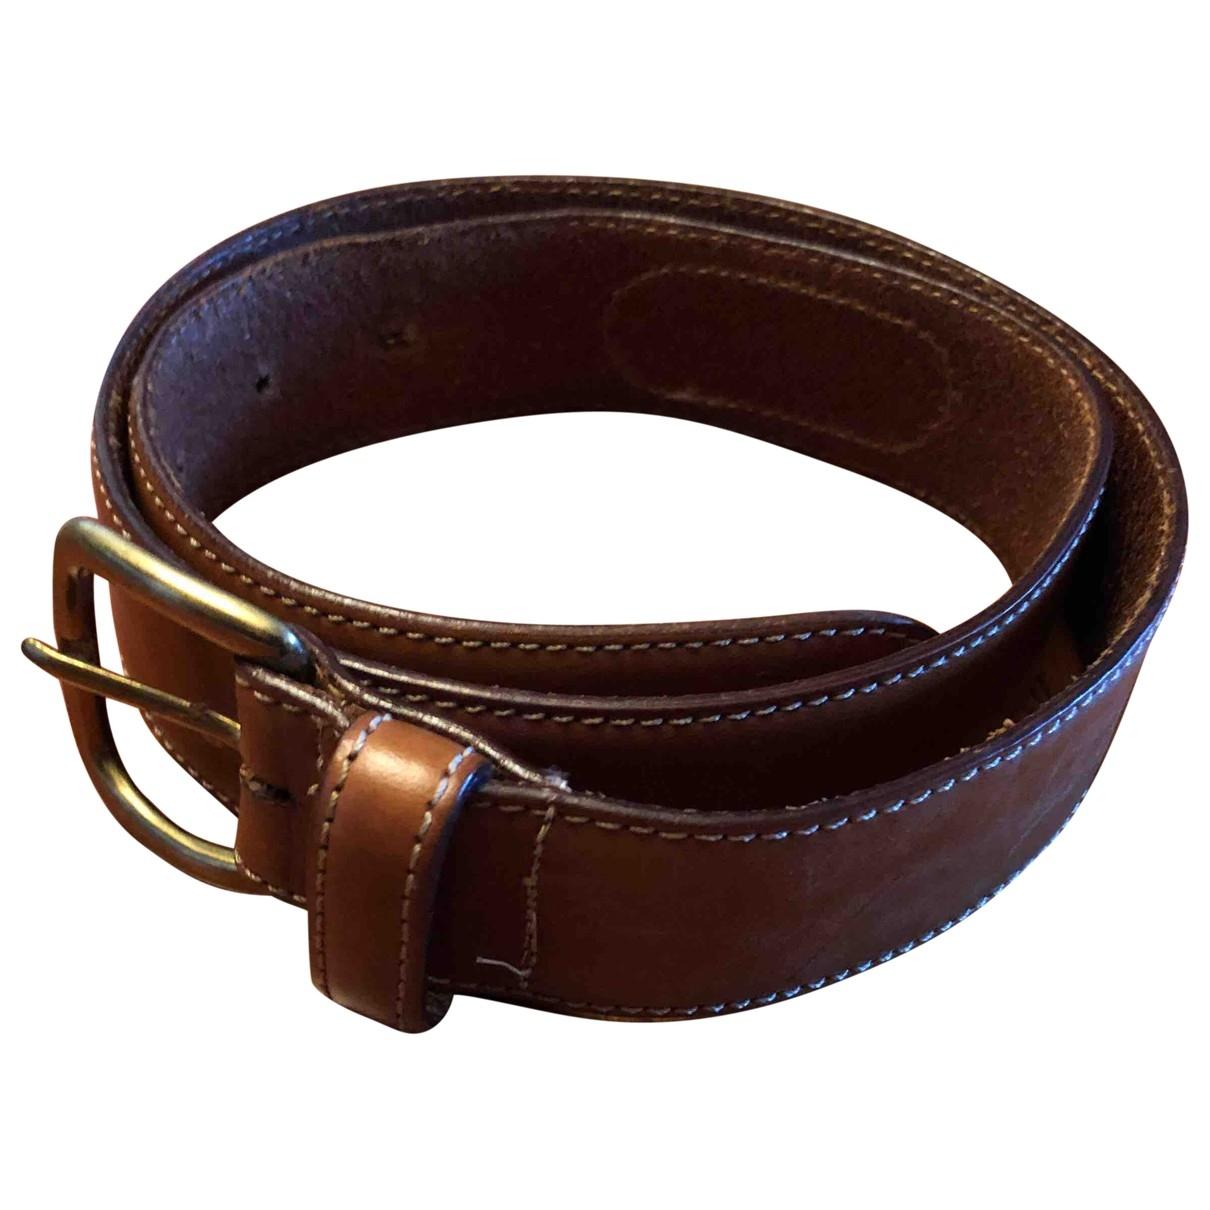 Cinturon de Cuero Emporio Armani